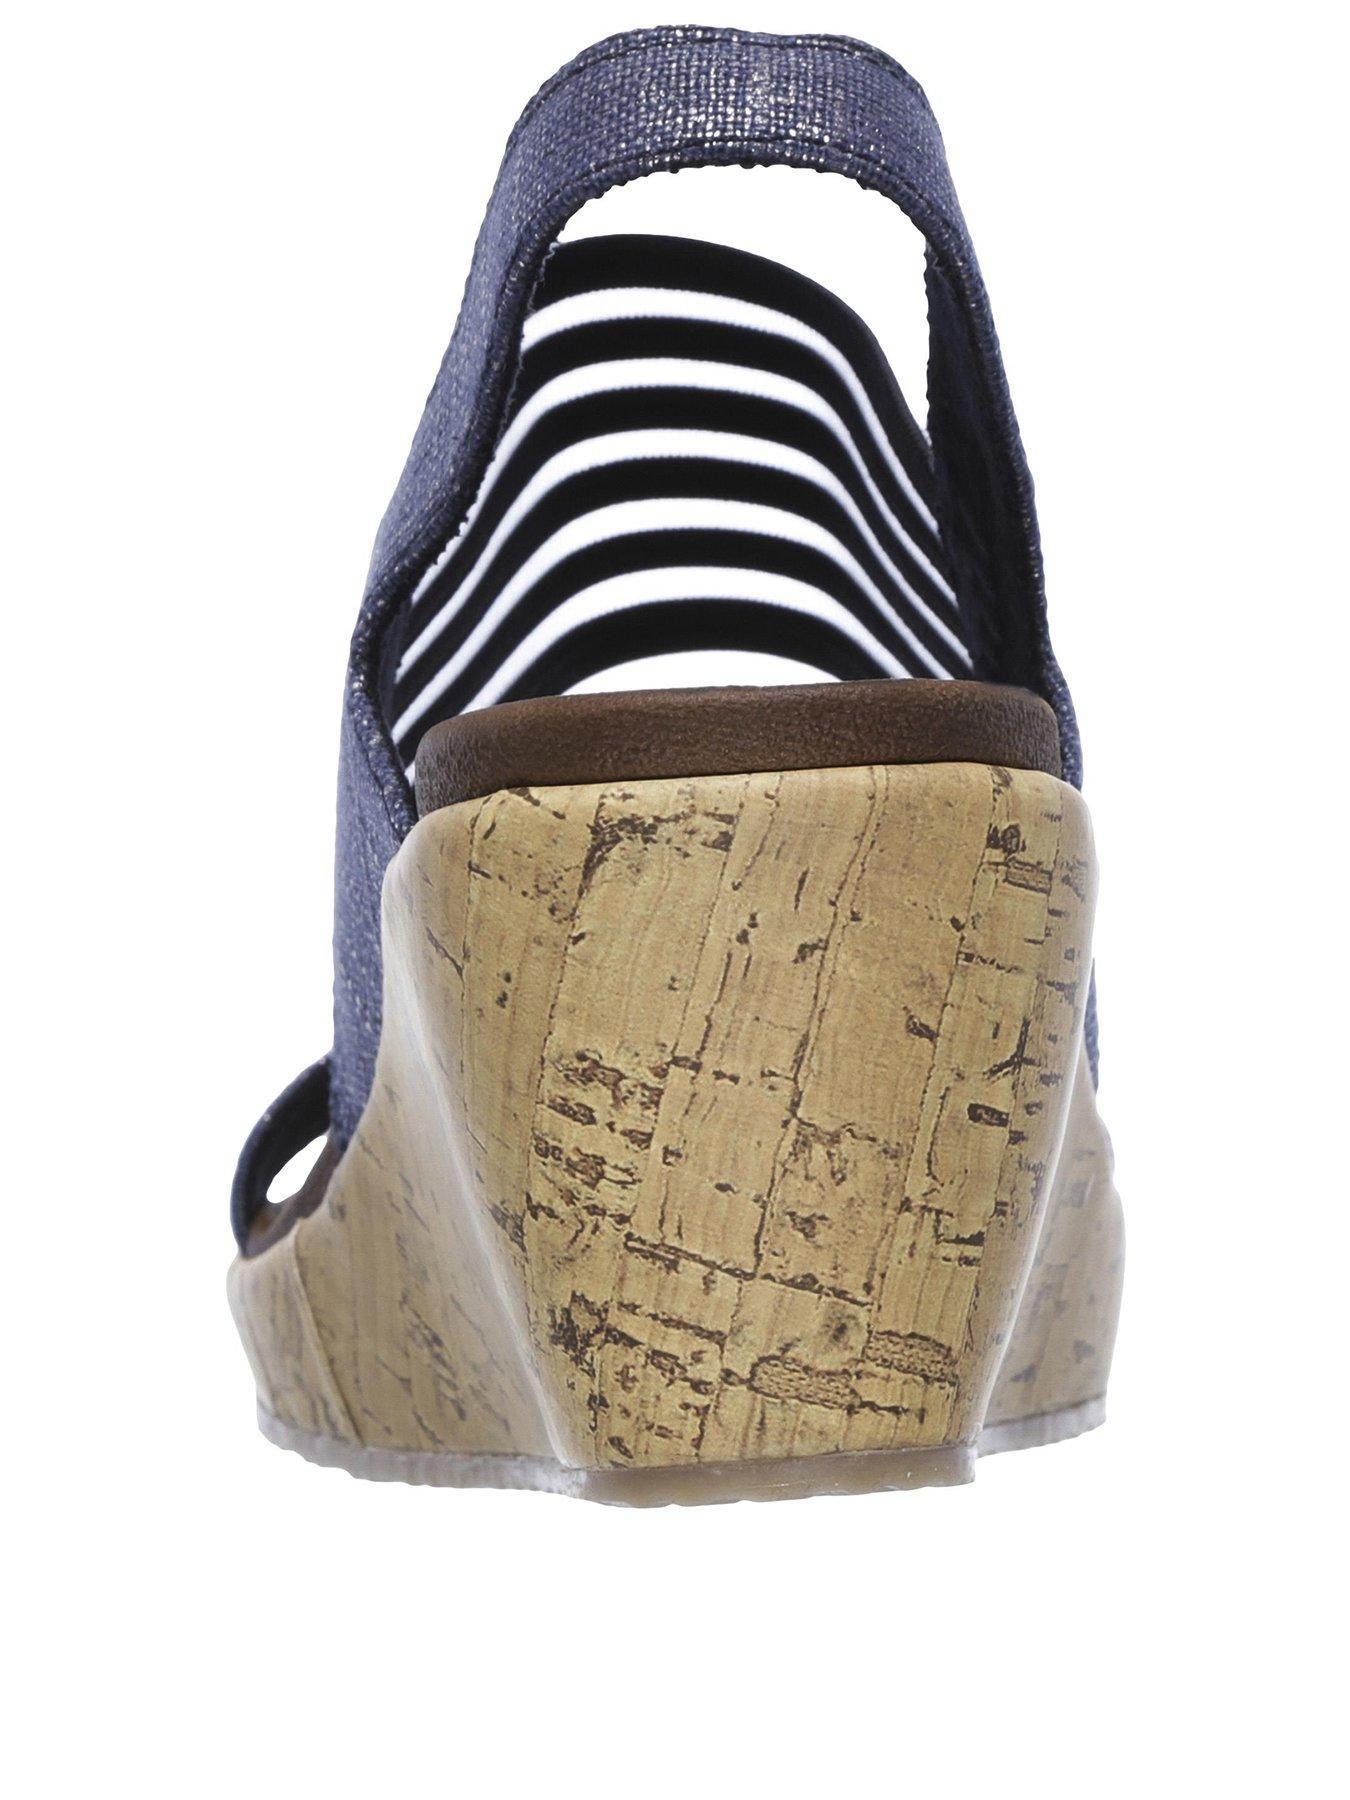 Skechers Skechers Beverlee Smitten Kitten Wedge Sandal Wedge Sandals Skechers Comfortable Sandals